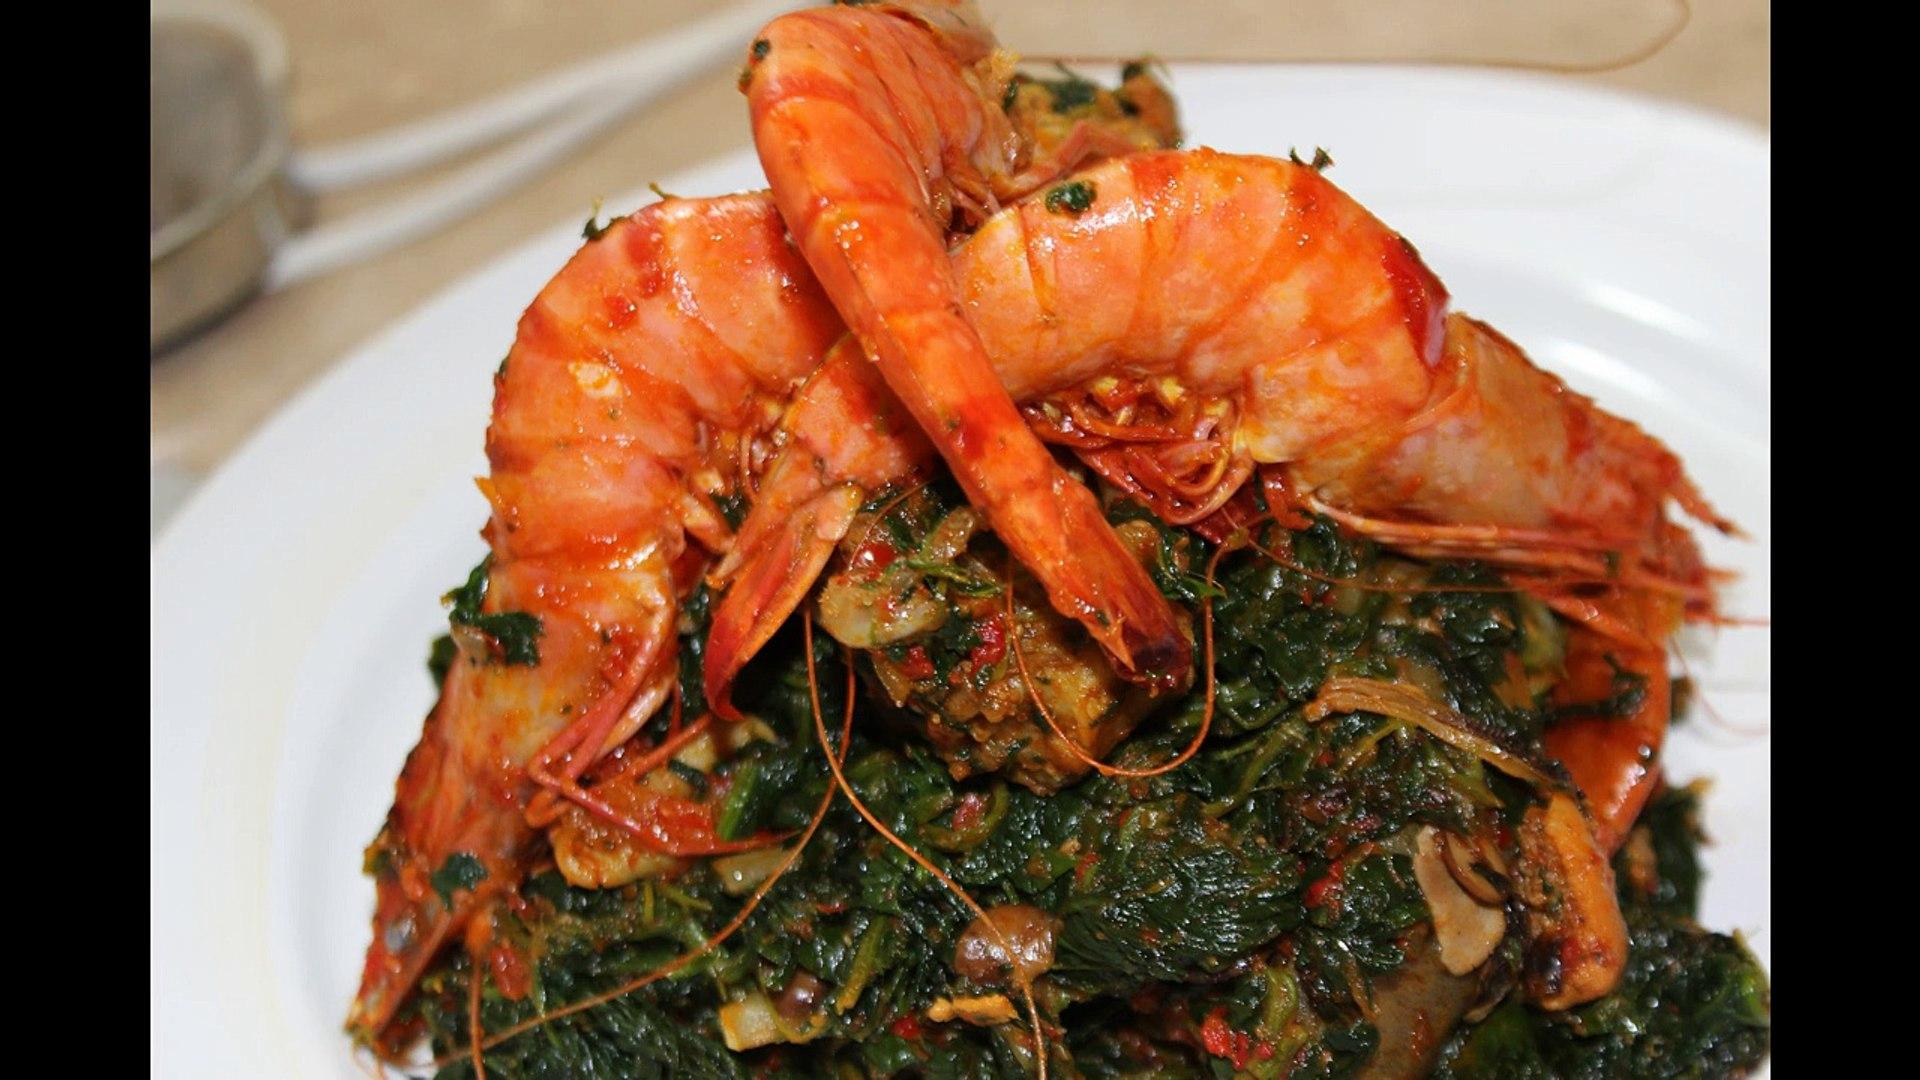 EFO RIRO | NIGERIAN FOOD | NIGERIAN CUISINE